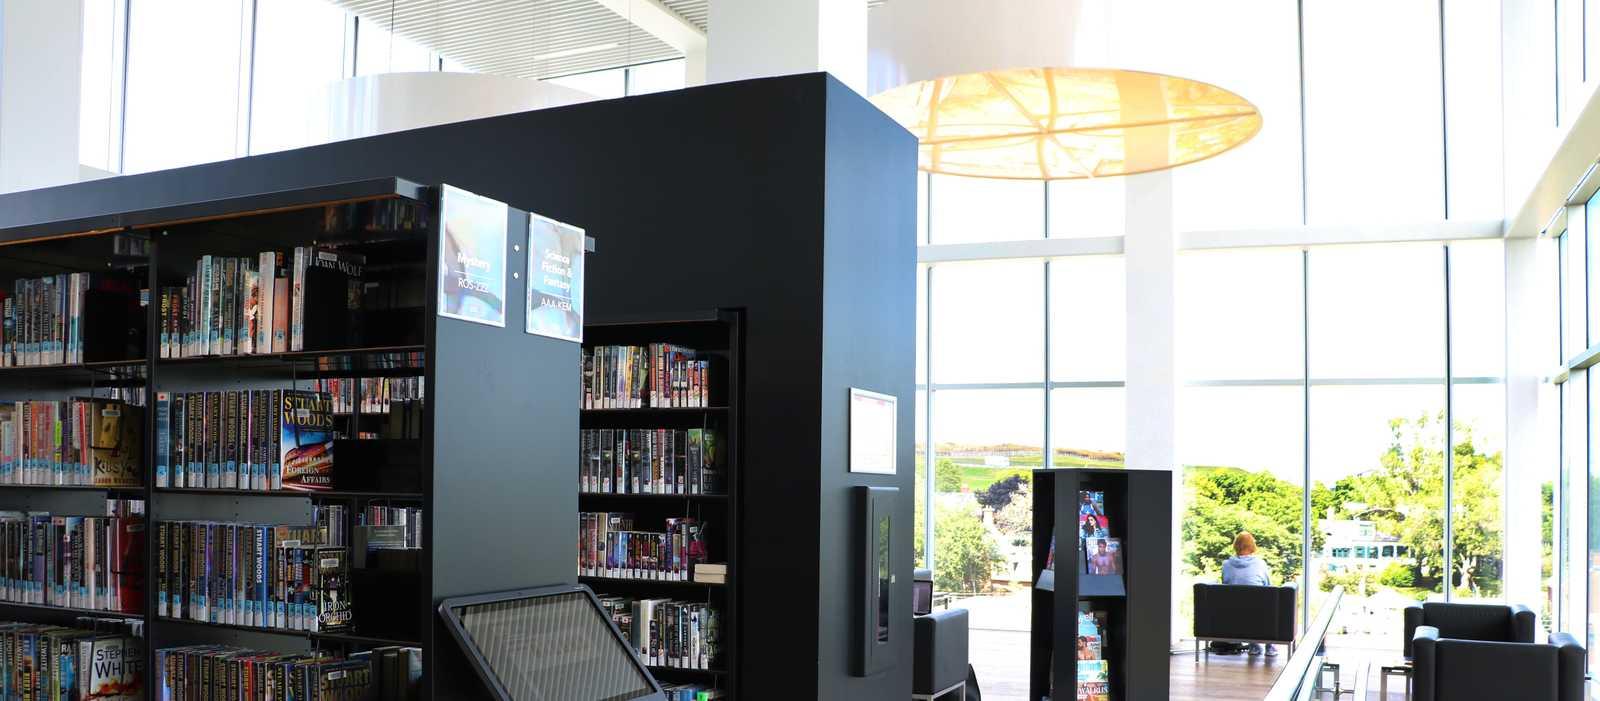 Zentralbibliothek von Halifax